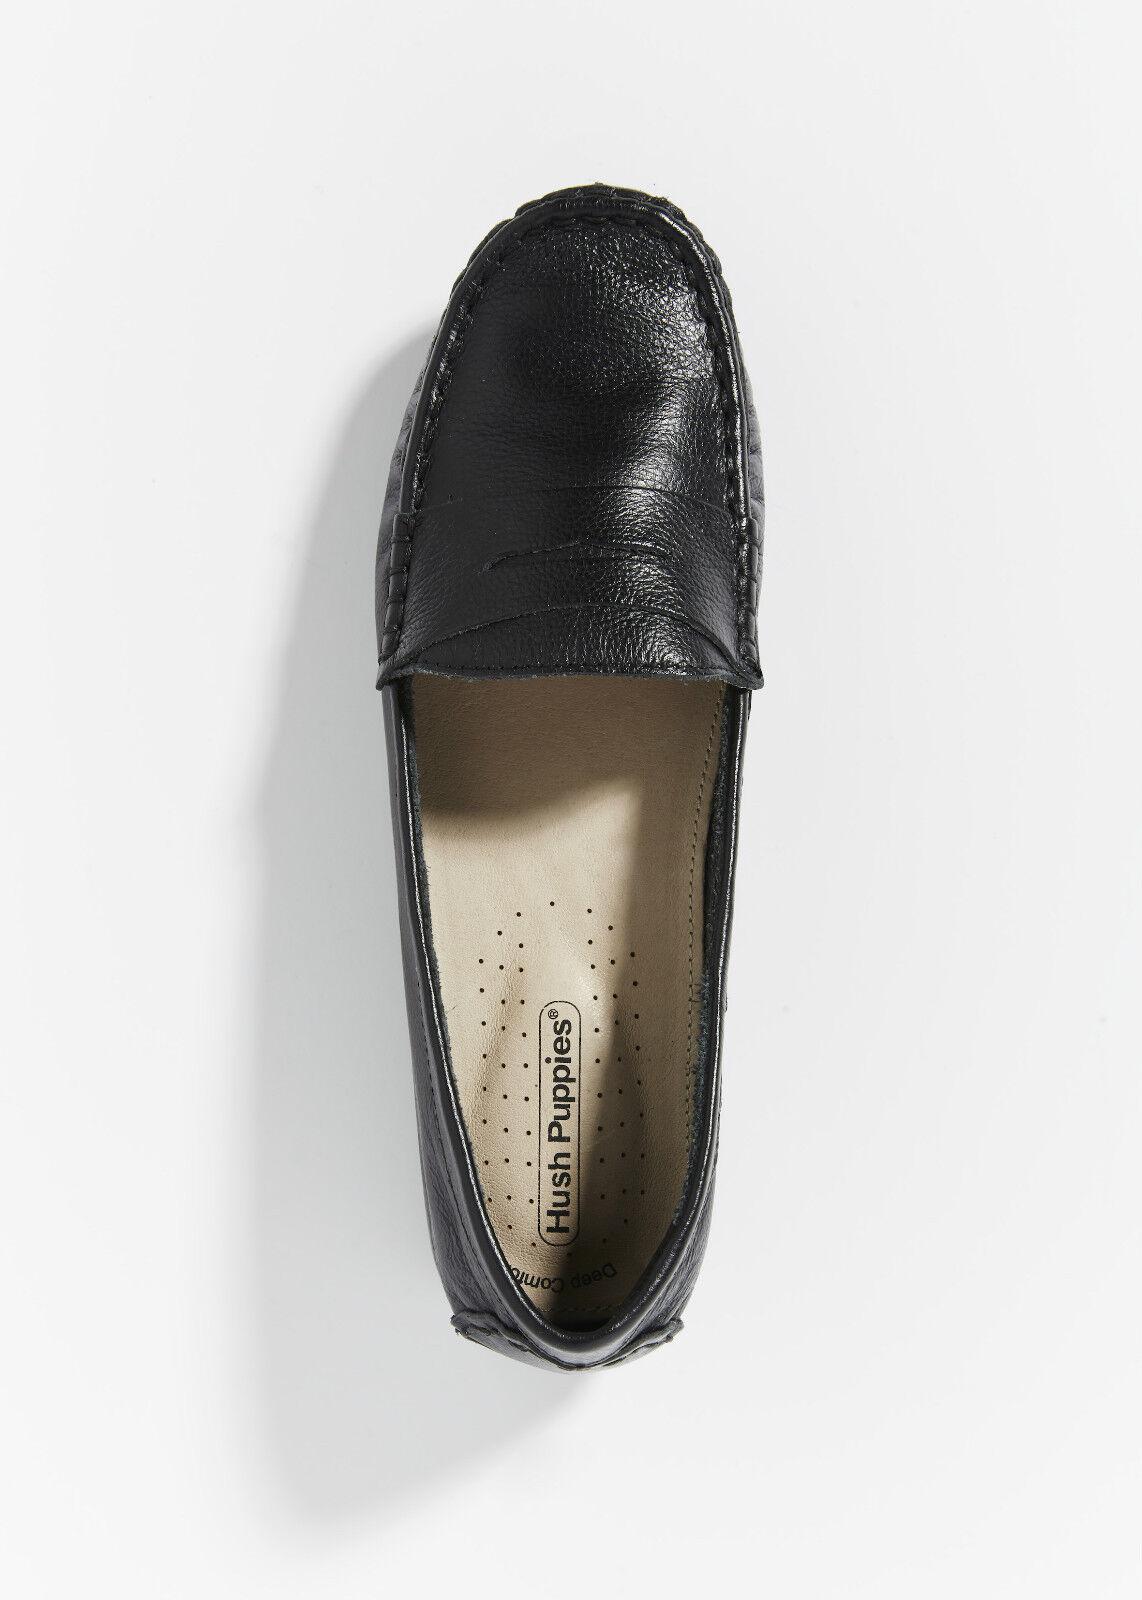 articoli promozionali Hush Hush Hush Puppies Amal donna Ladies nero Leather scarpe Flats Work Dress Casual  moda classica